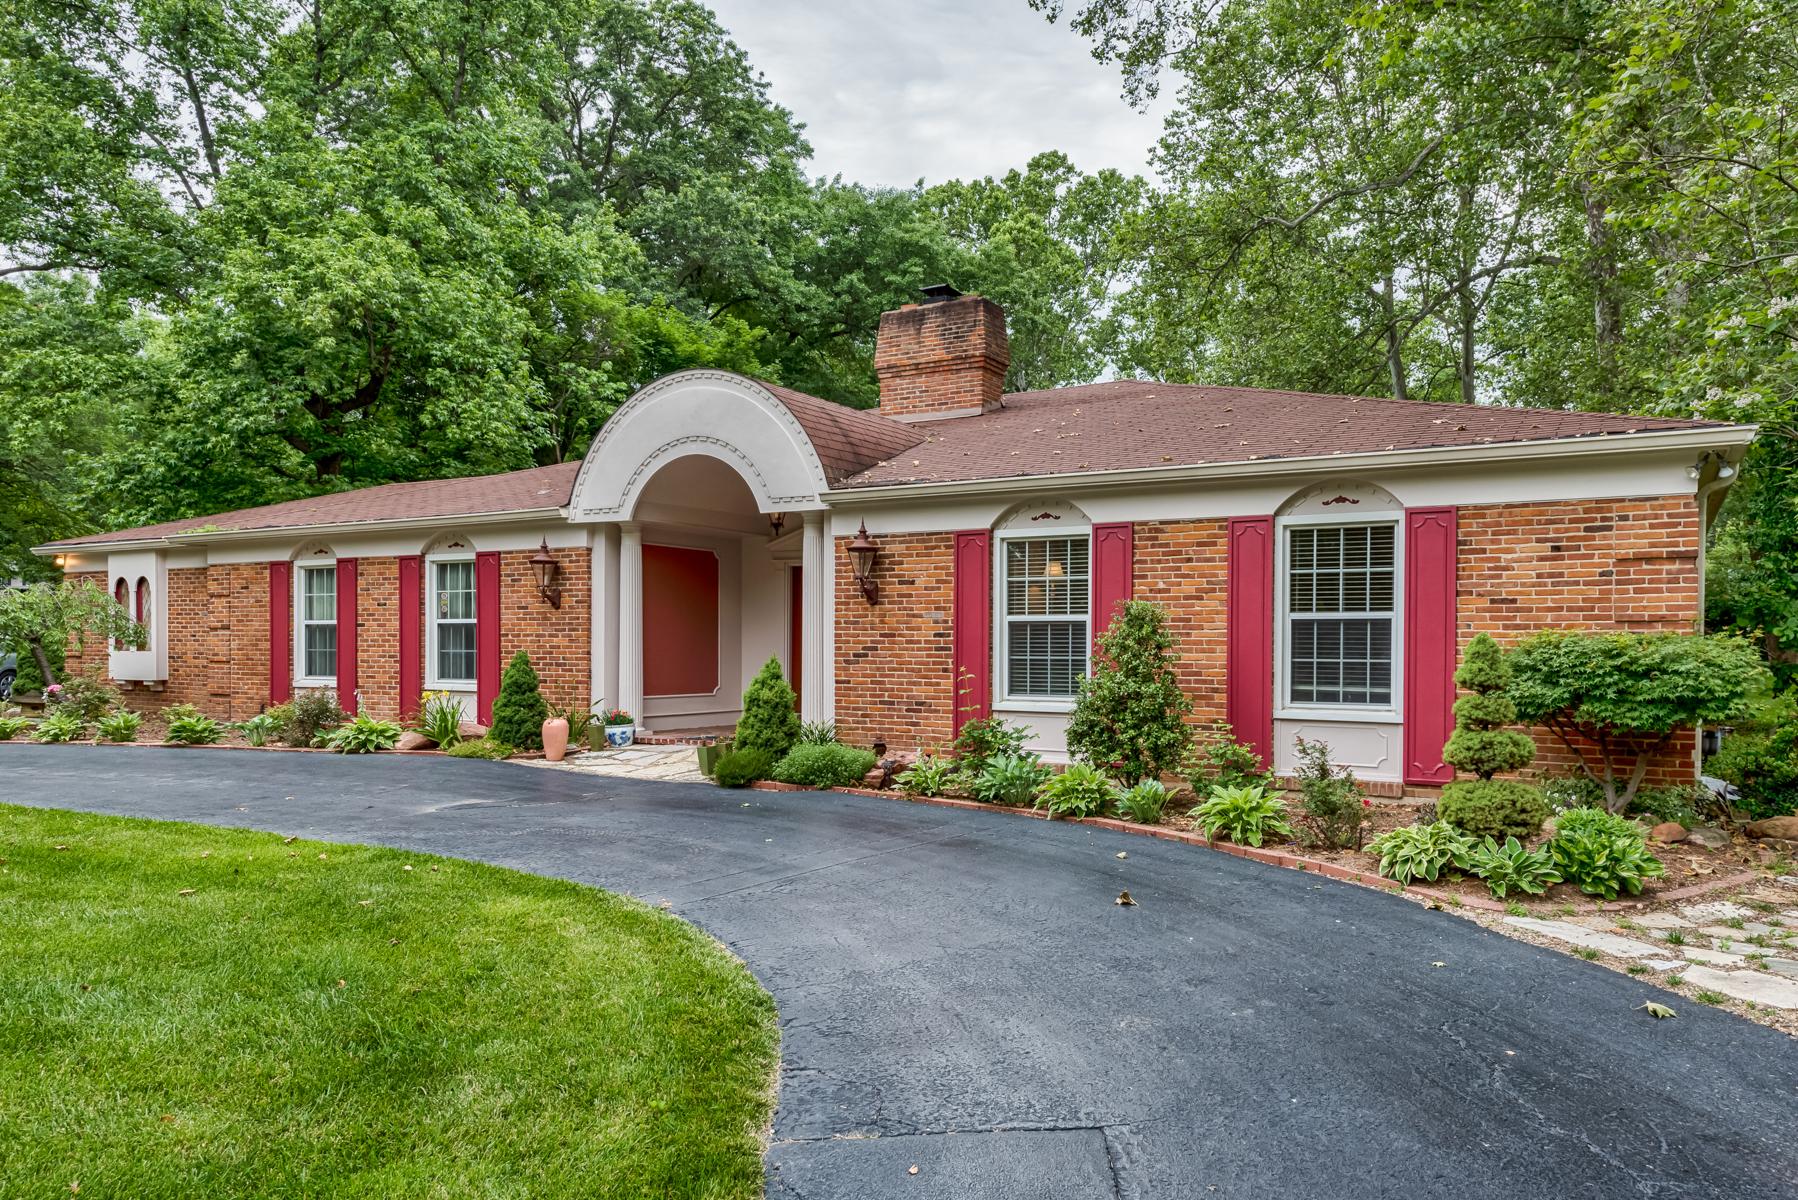 Single Family Home for Sale at Dogwood Lane 6 Dogwood Lane Ladue, Missouri, 63124 United States